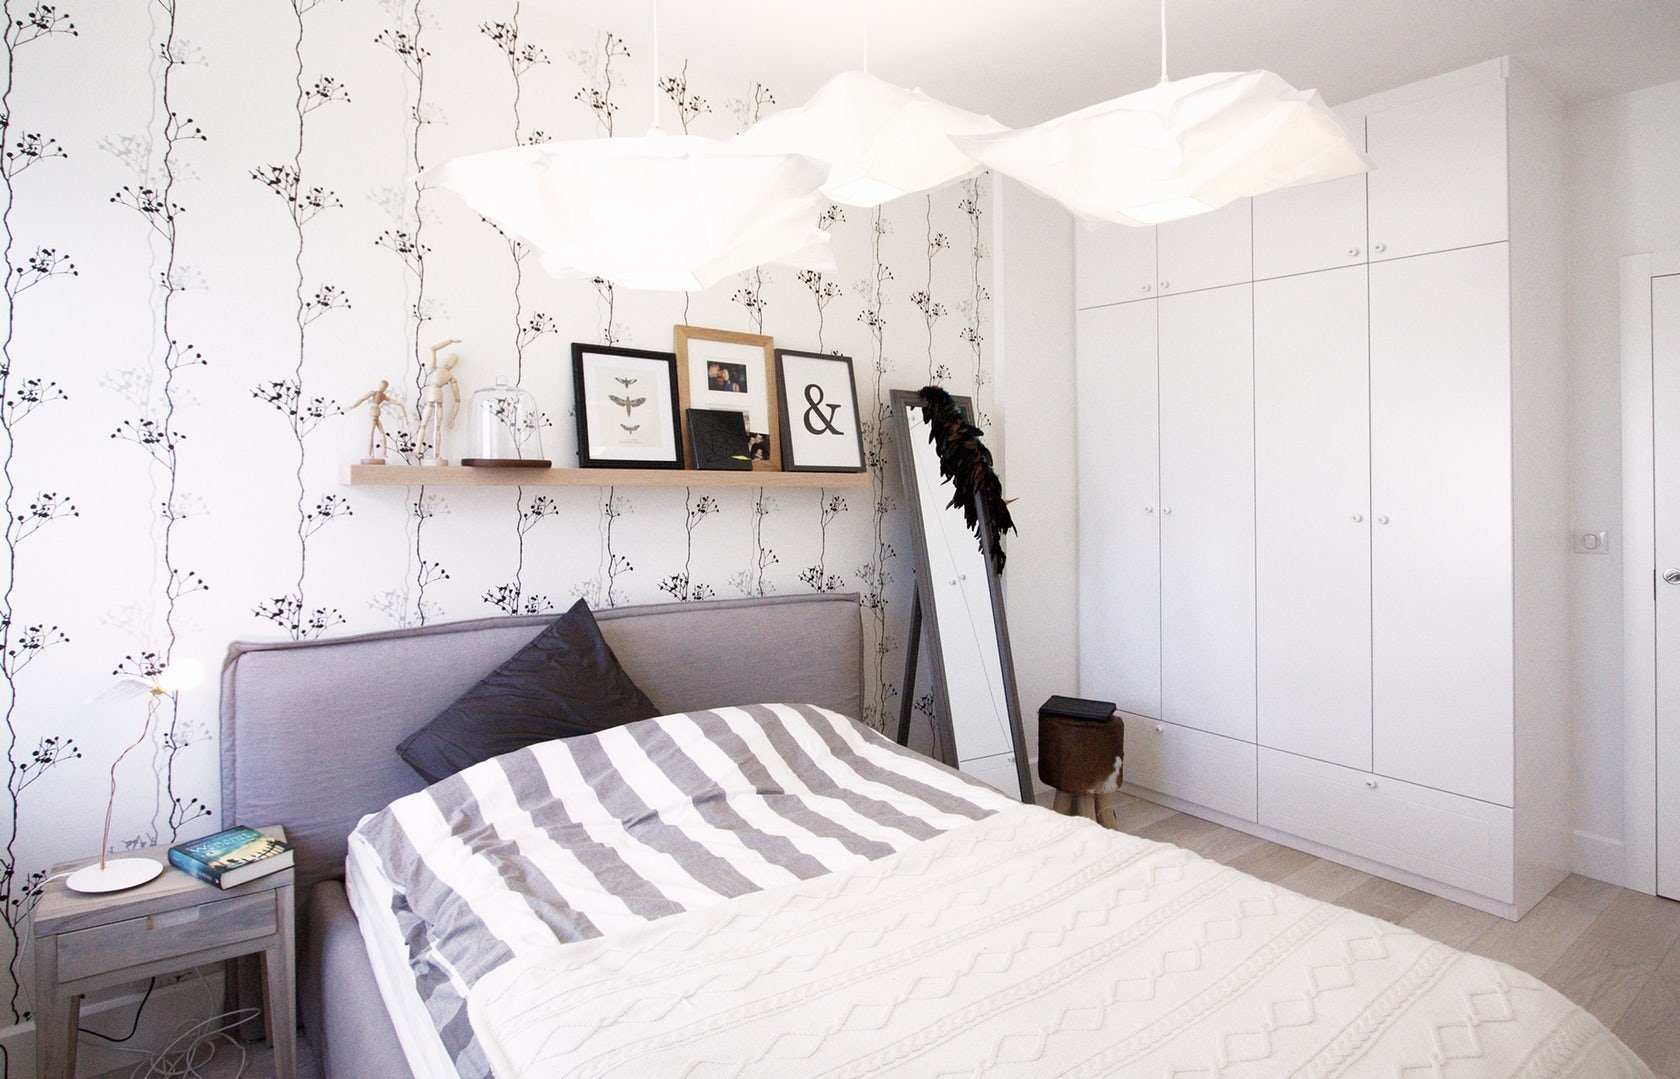 Minimalismus, kontrasty, přírodní materiály, bílá a černá. Tak se vyznačuje skandinávský design posledních let a tento trend v bydlení neustává, spíš právě naopak. V čem je jeho síla a proč si ho lidé tak zamilovali?